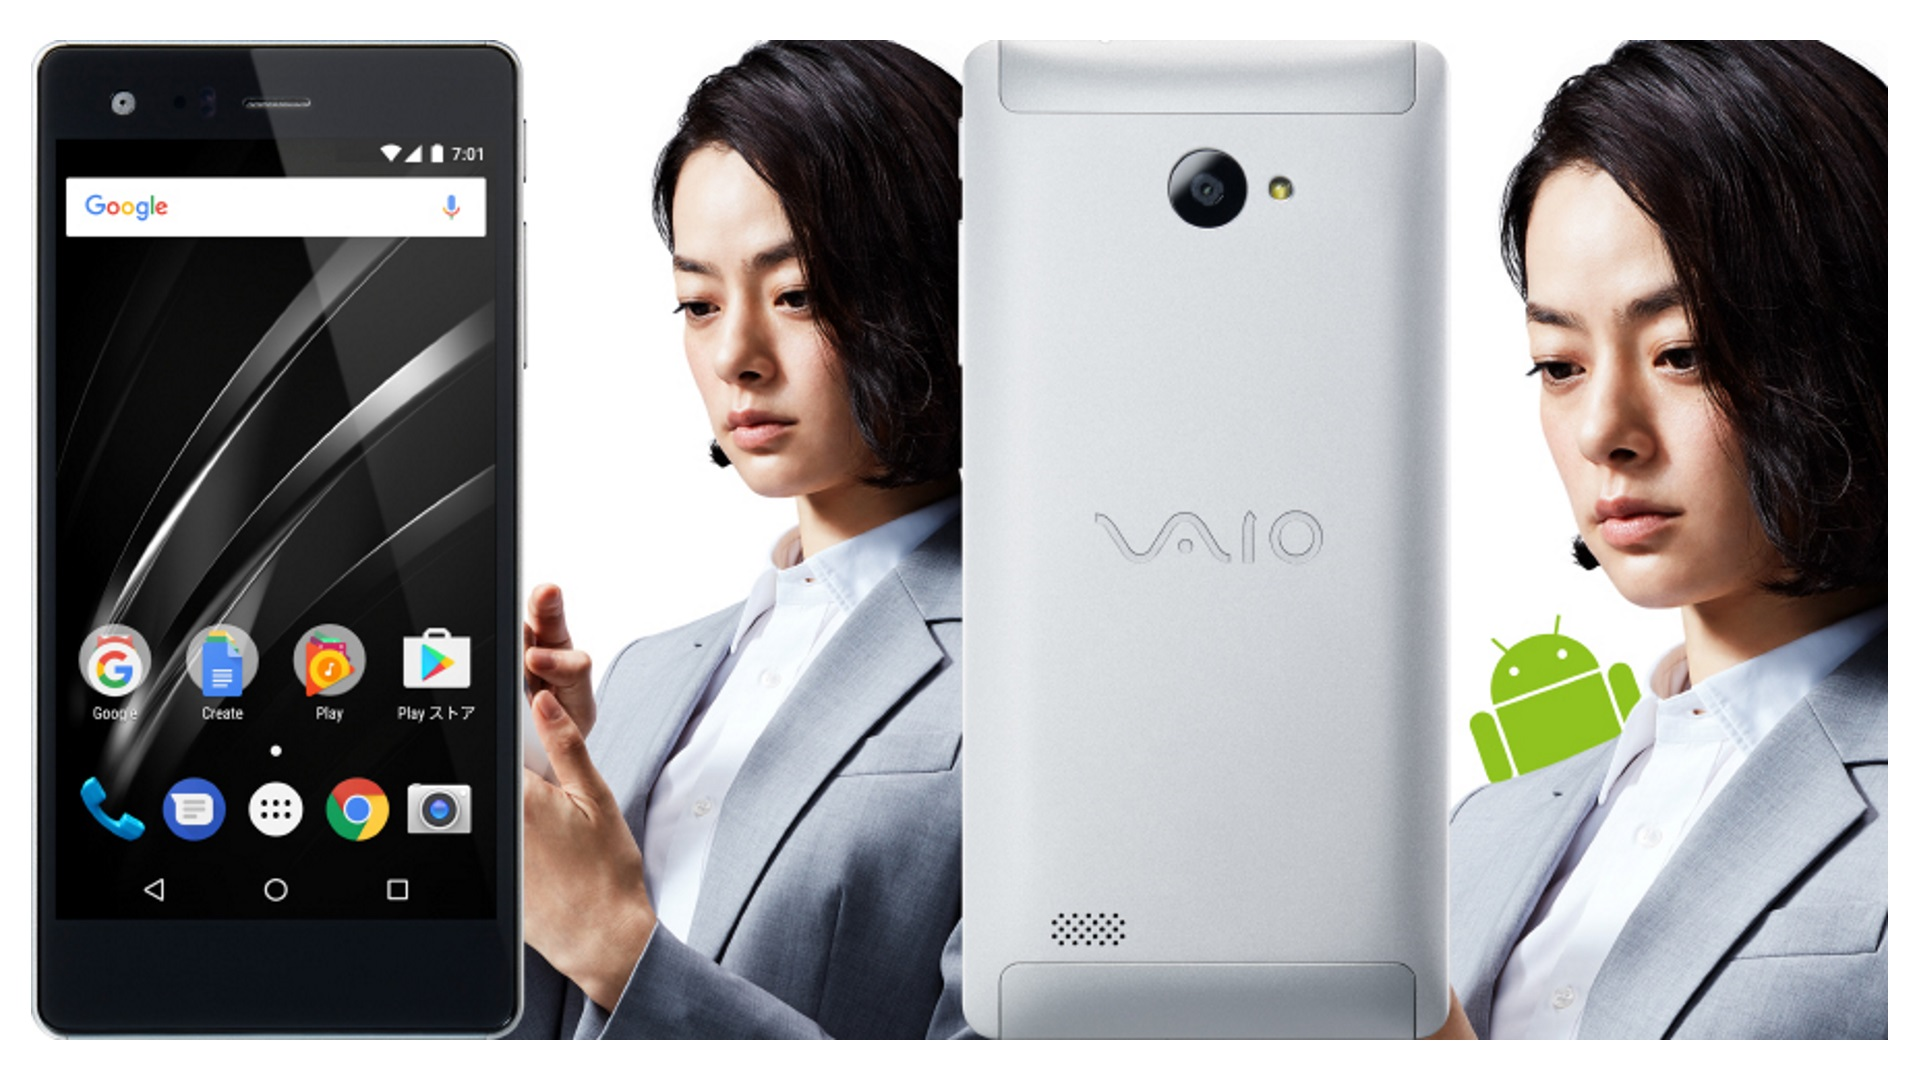 VAIO、DSDS対応の新型Androidスマートフォン「VAIO Phone A」の予約を前倒して開始